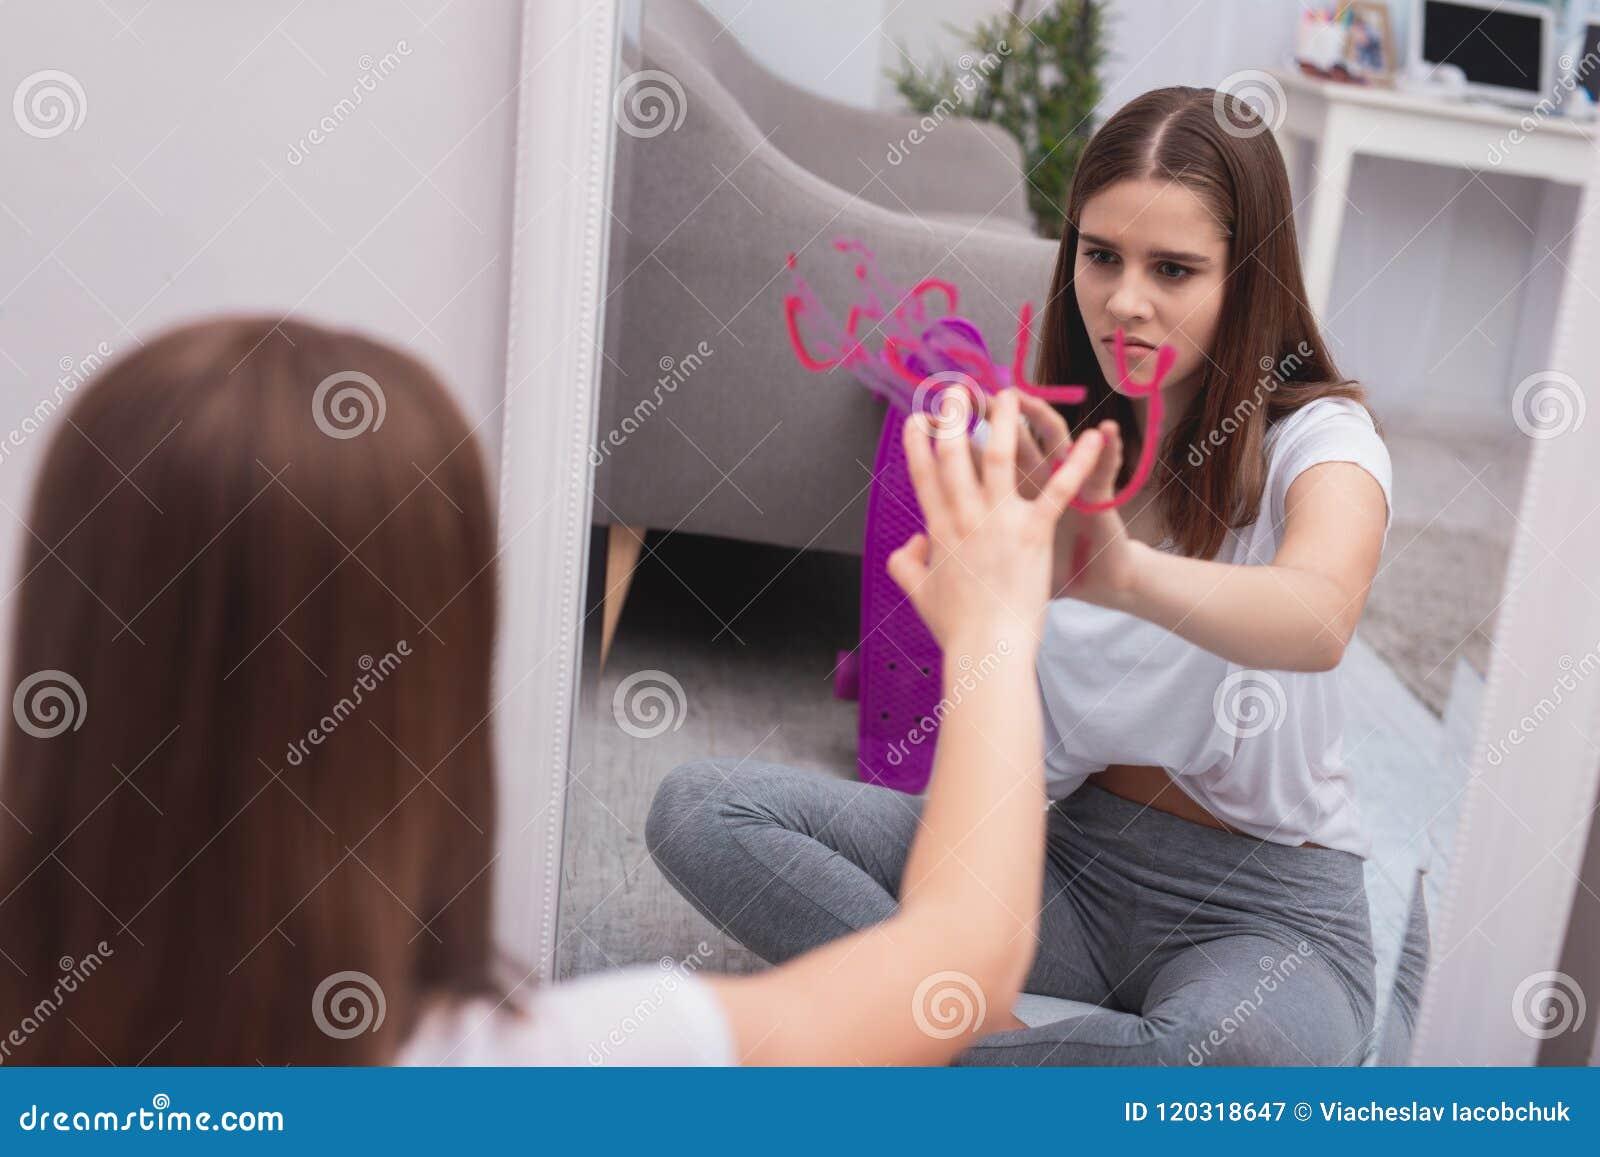 Upset teen girl overcoming complex